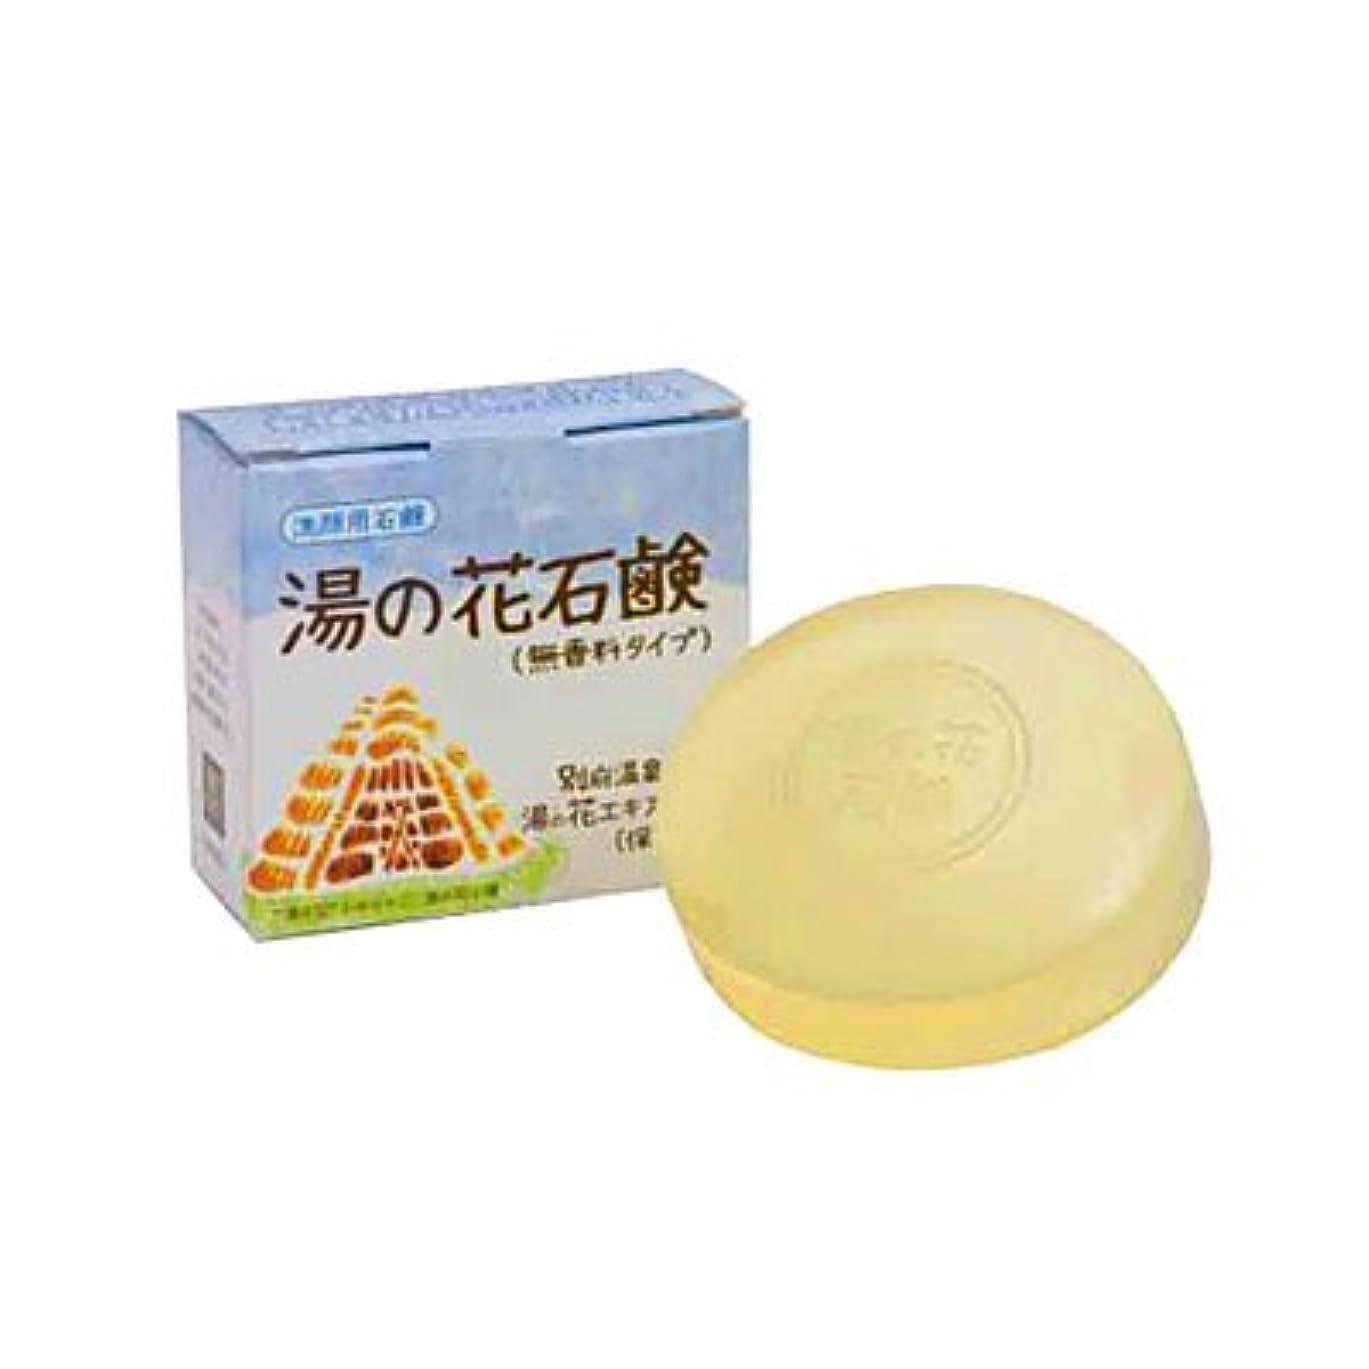 ねばねば指定する曲薬用 湯の花石鹸 ビーナス1 80g